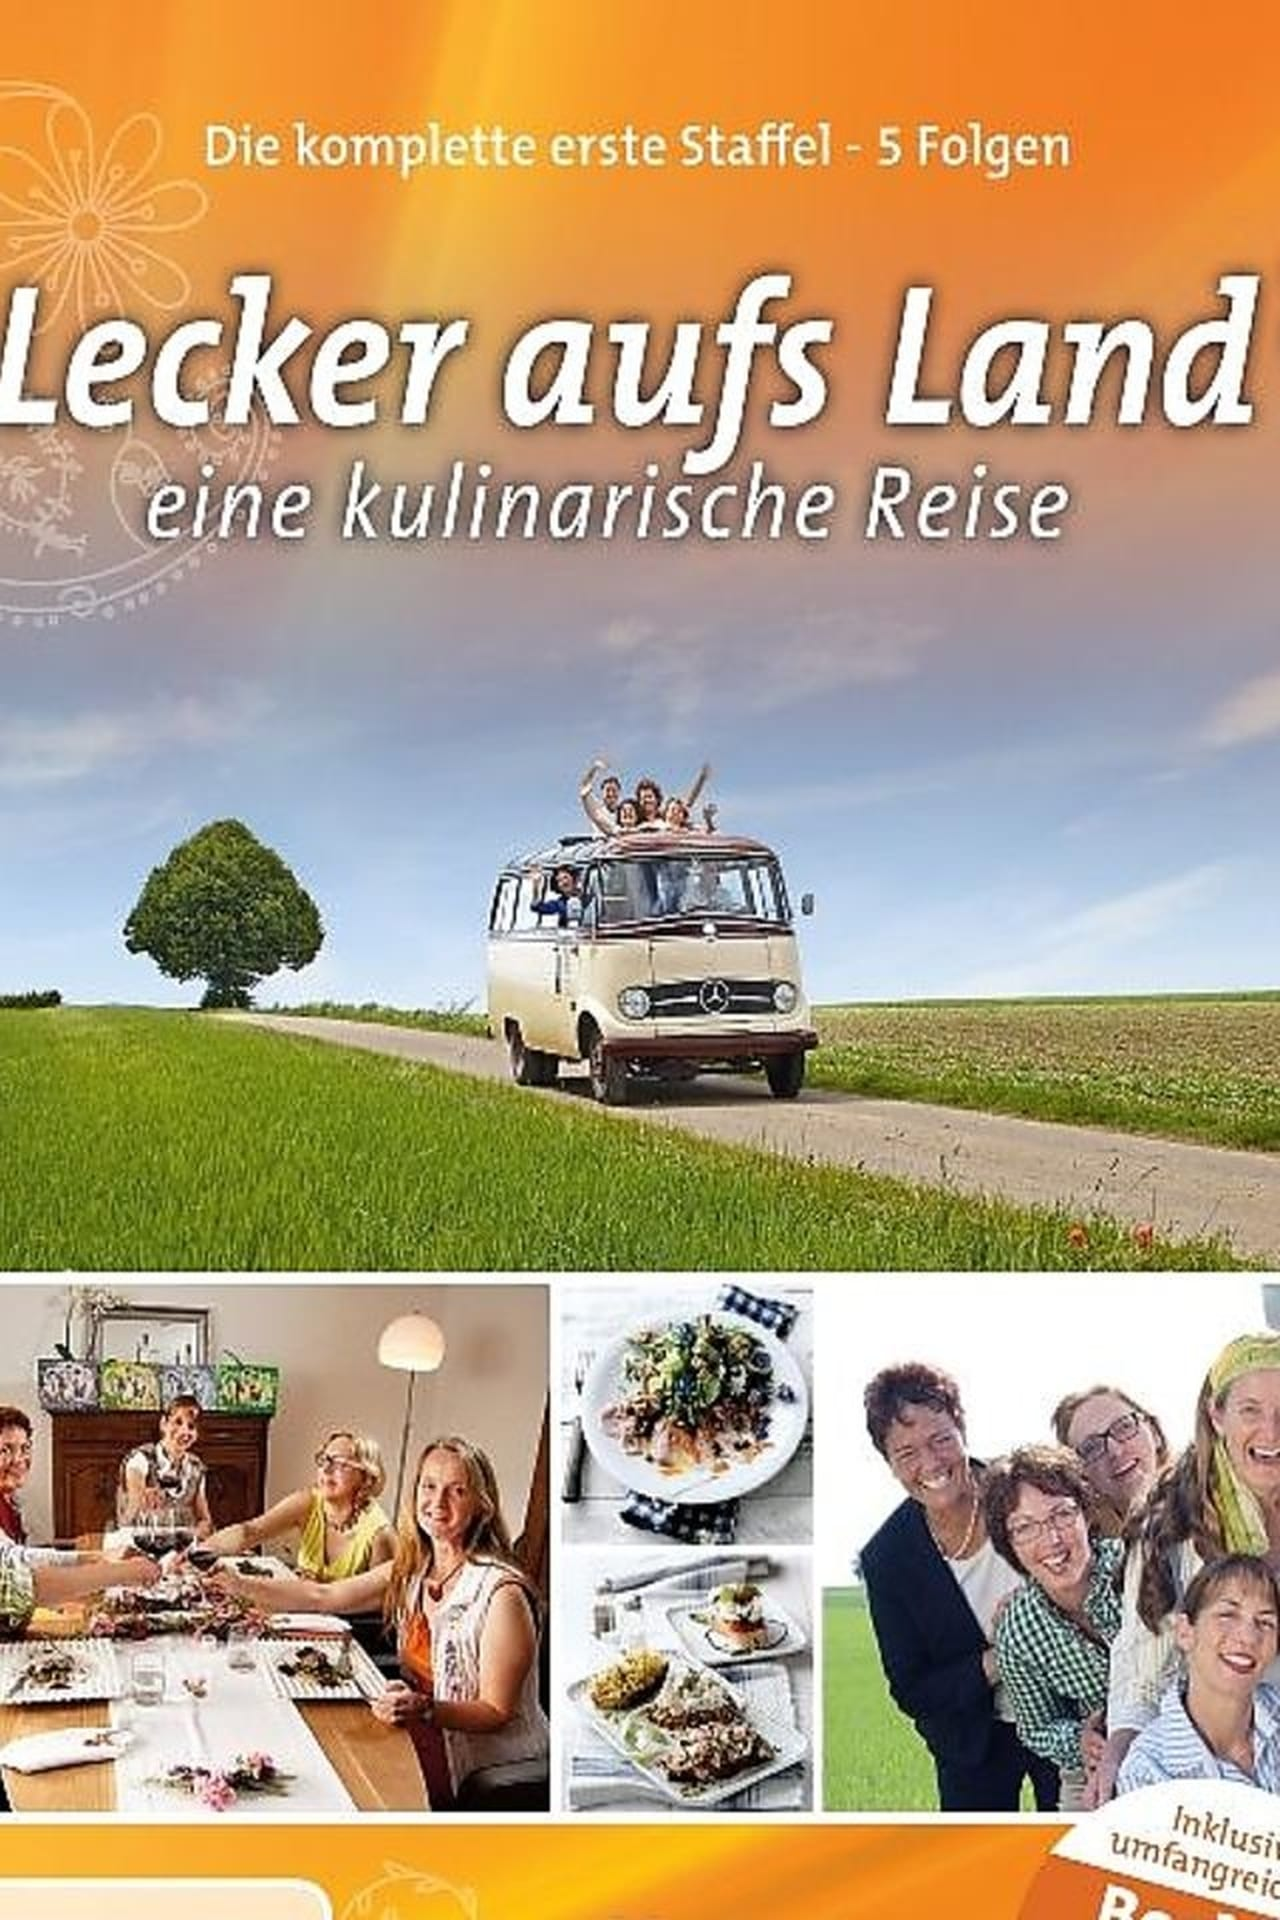 Lecker Aufs Land - Eine Kulinarische Reise Season 3 (2013) putlockers cafe